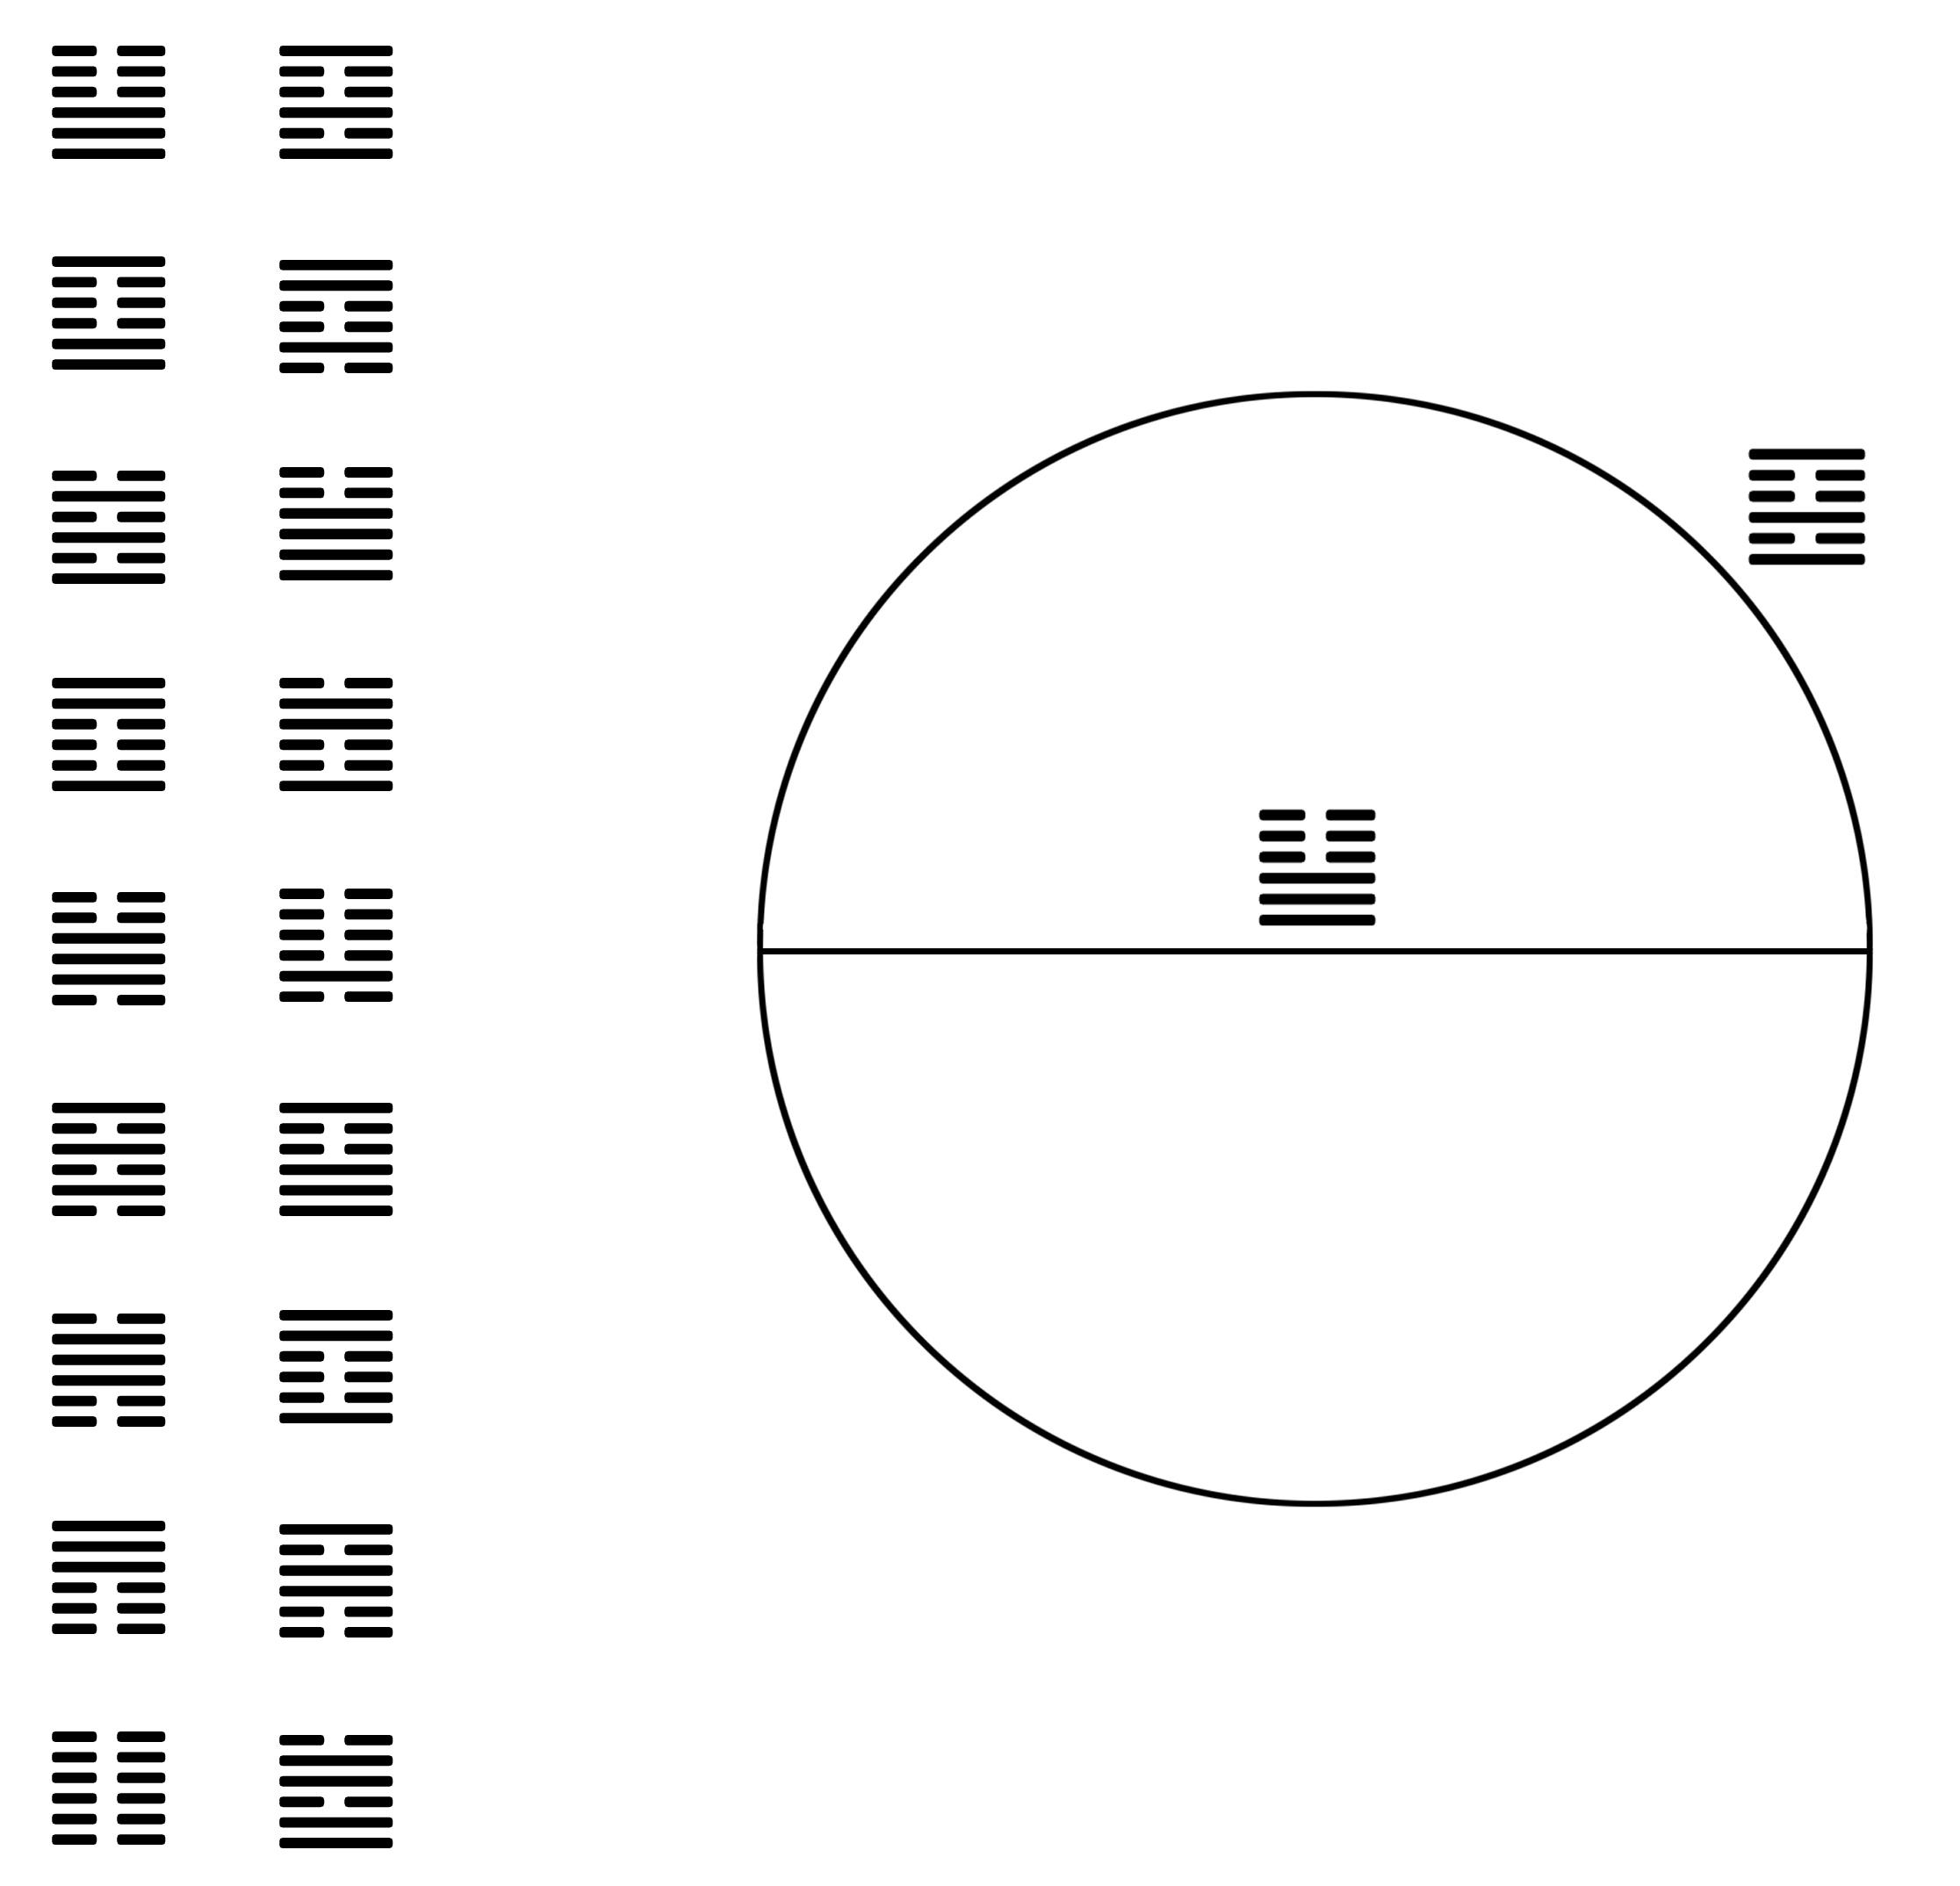 pi hex 2a